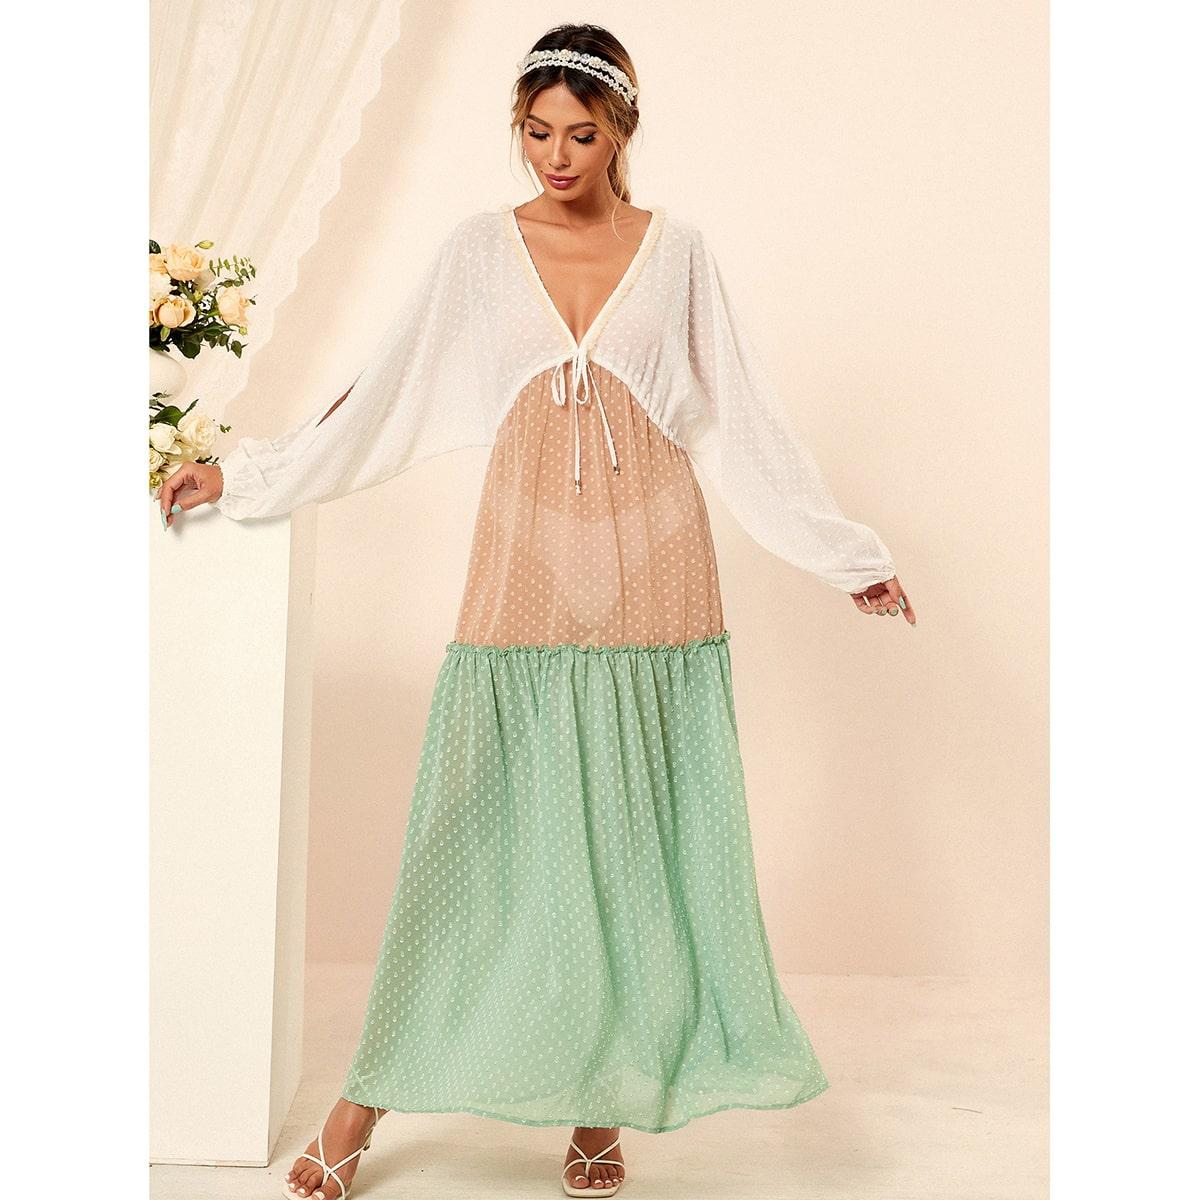 Платье в горошек комбинированным принтом SheIn swdress44210428163